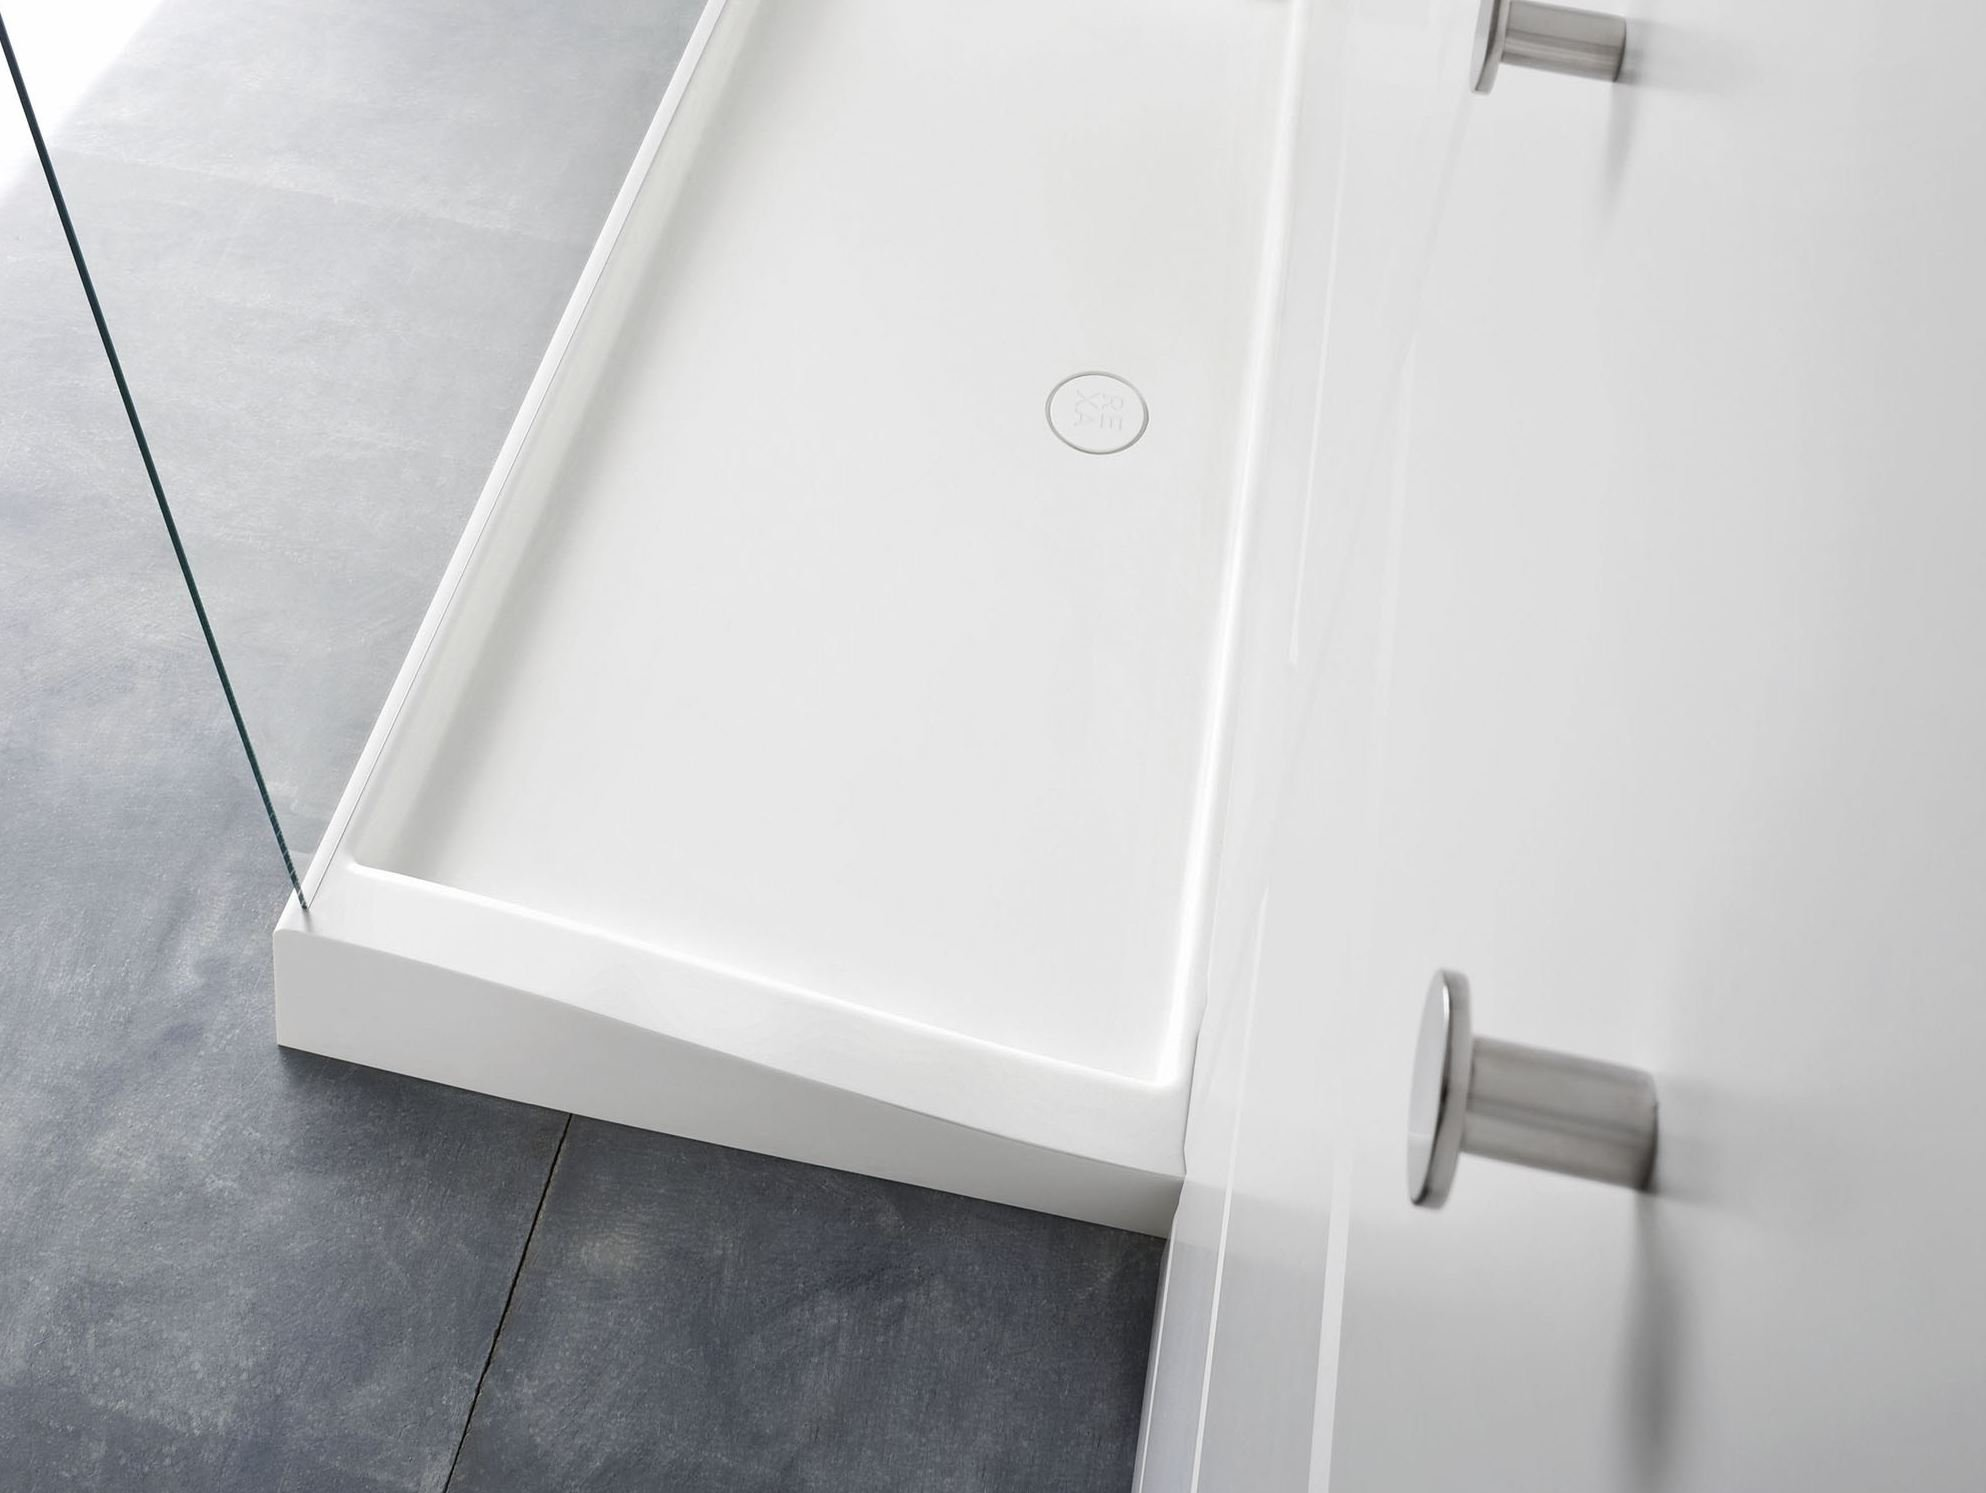 receveur de douche rectangulaire en corian collection. Black Bedroom Furniture Sets. Home Design Ideas